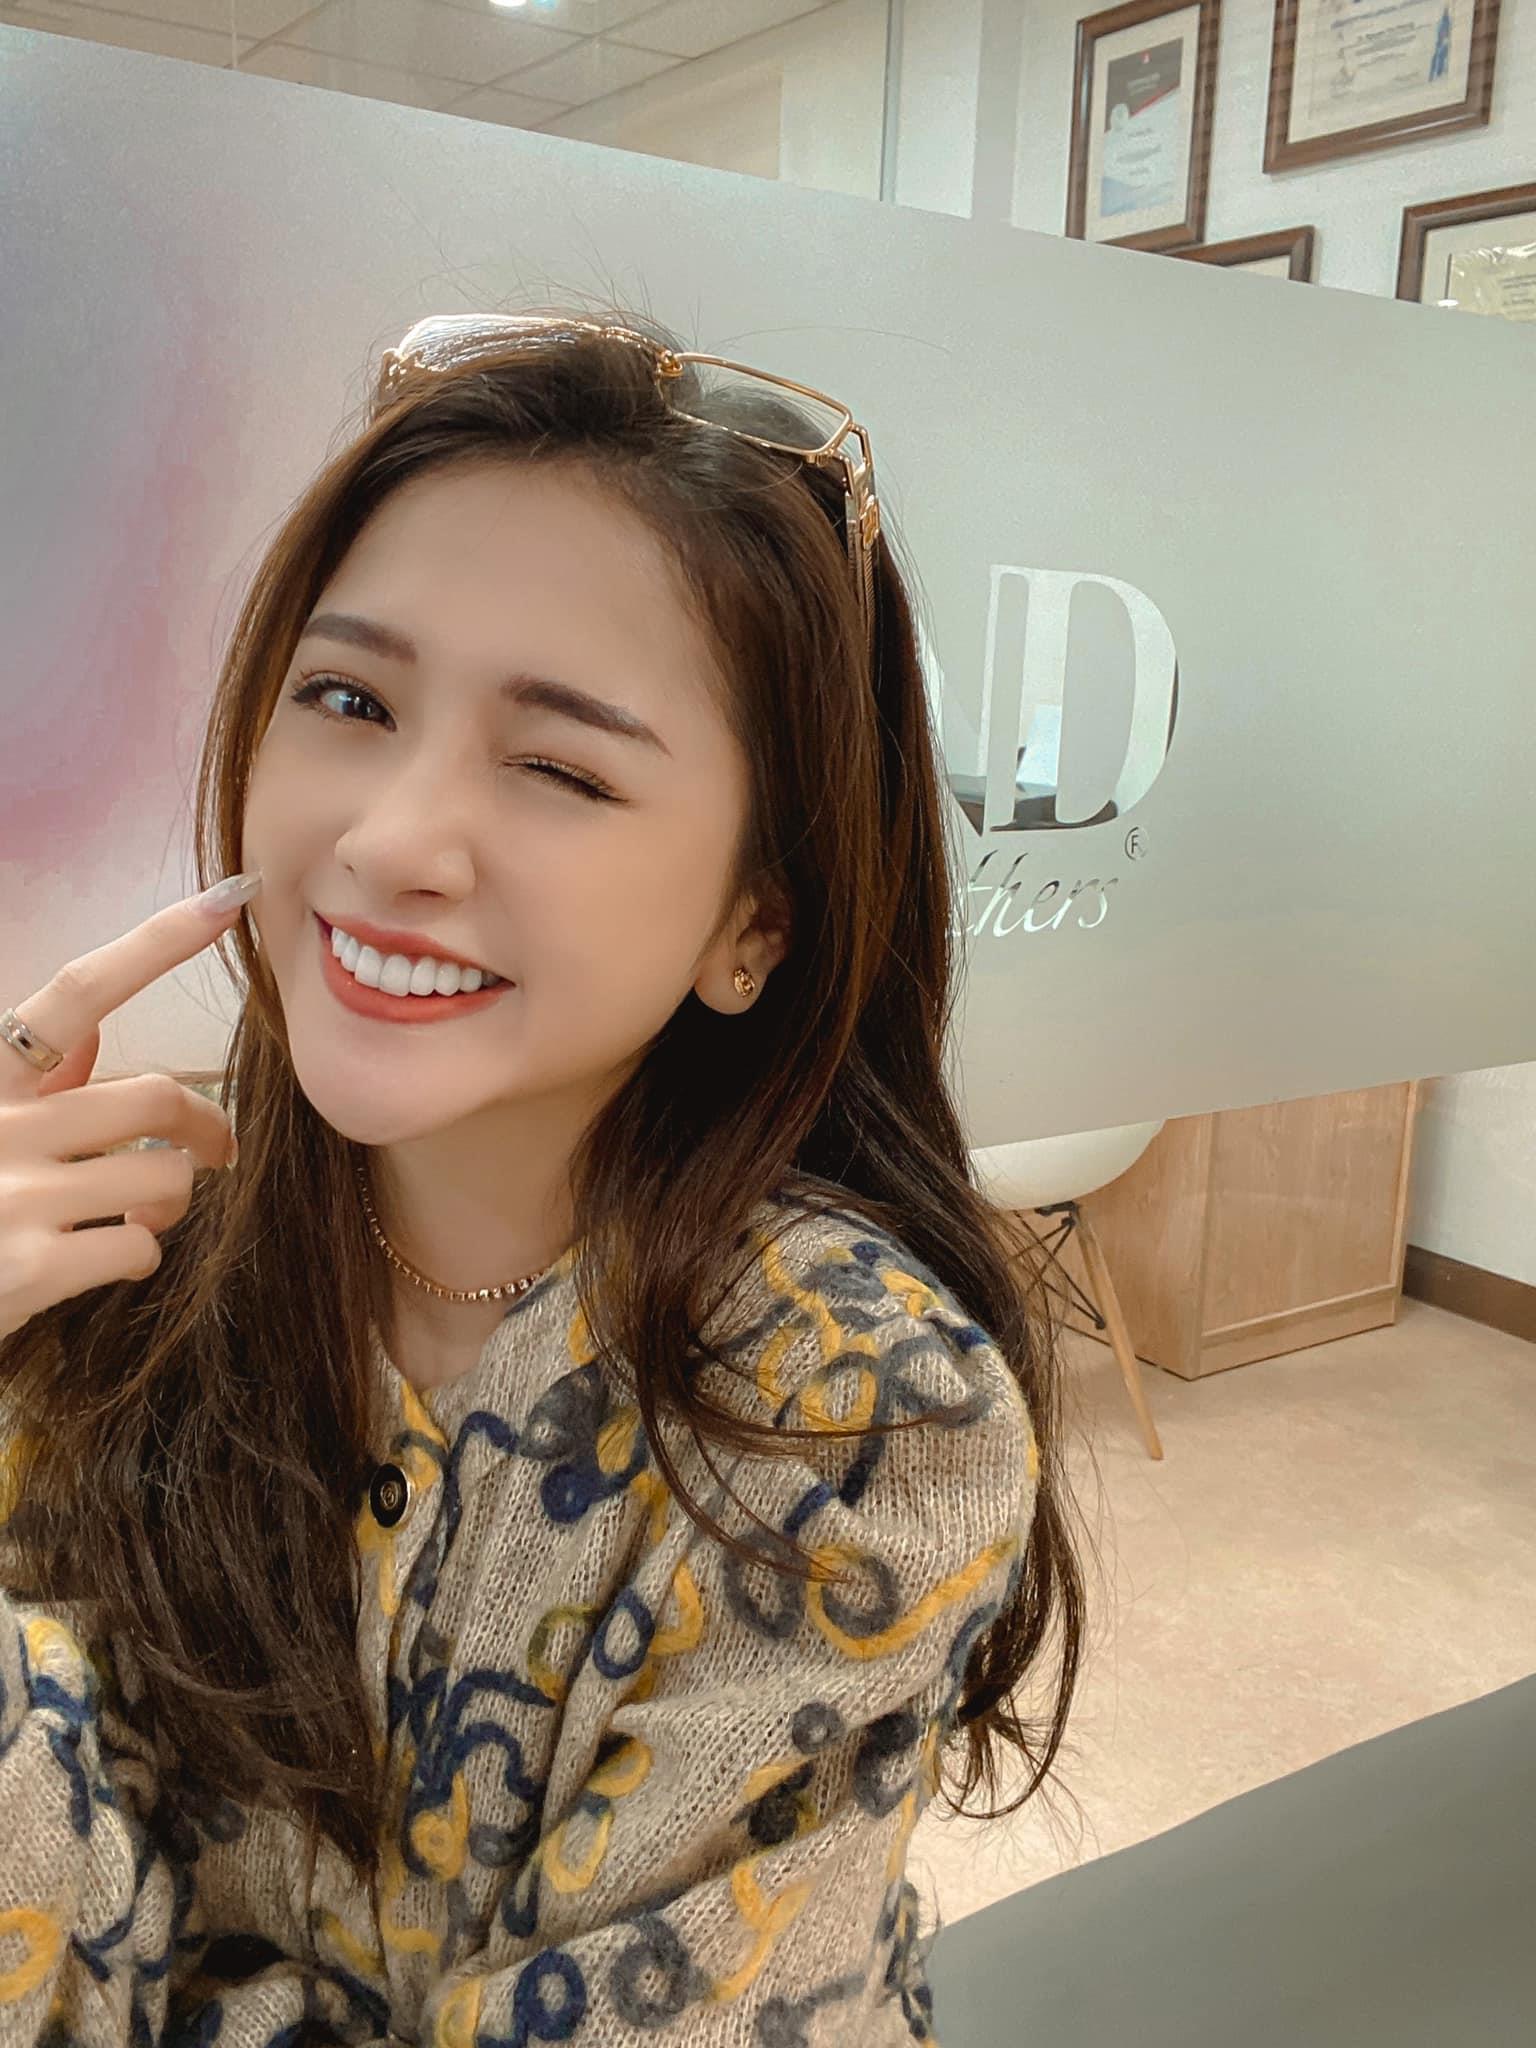 """Không hẹn mà gặp, dàn hot face Hà Nội đều đang tụ tập """"tân trang"""" hàm răng tại nơi này - Ảnh 4."""